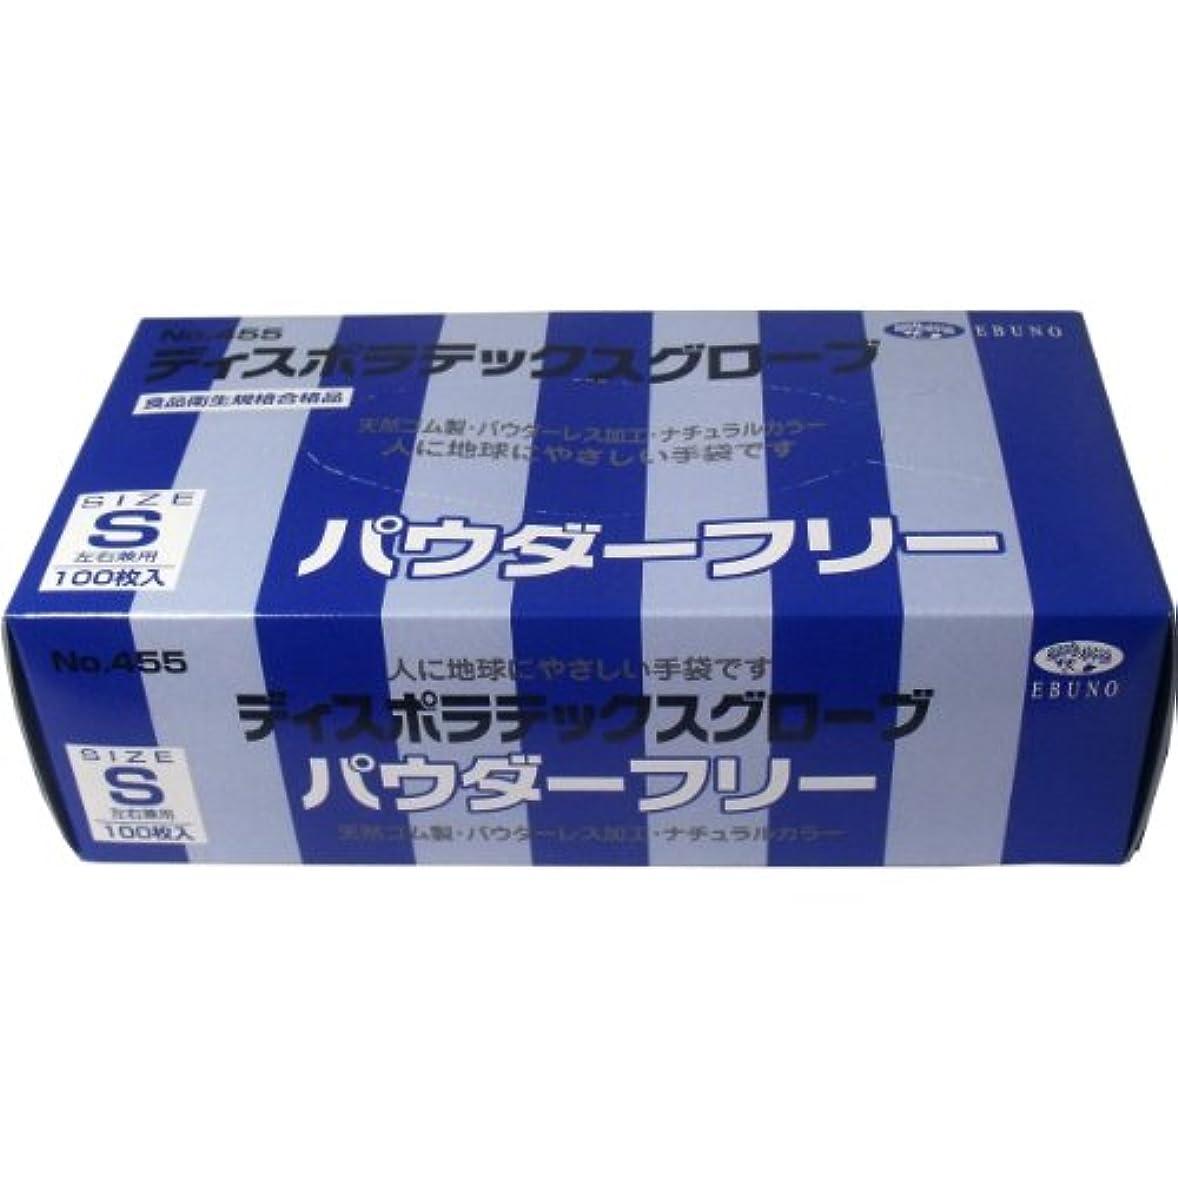 早熟忌み嫌う排除するディスポ ラテックスグローブ(天然ゴム手袋) パウダーフリー Sサイズ 100枚入(単品)